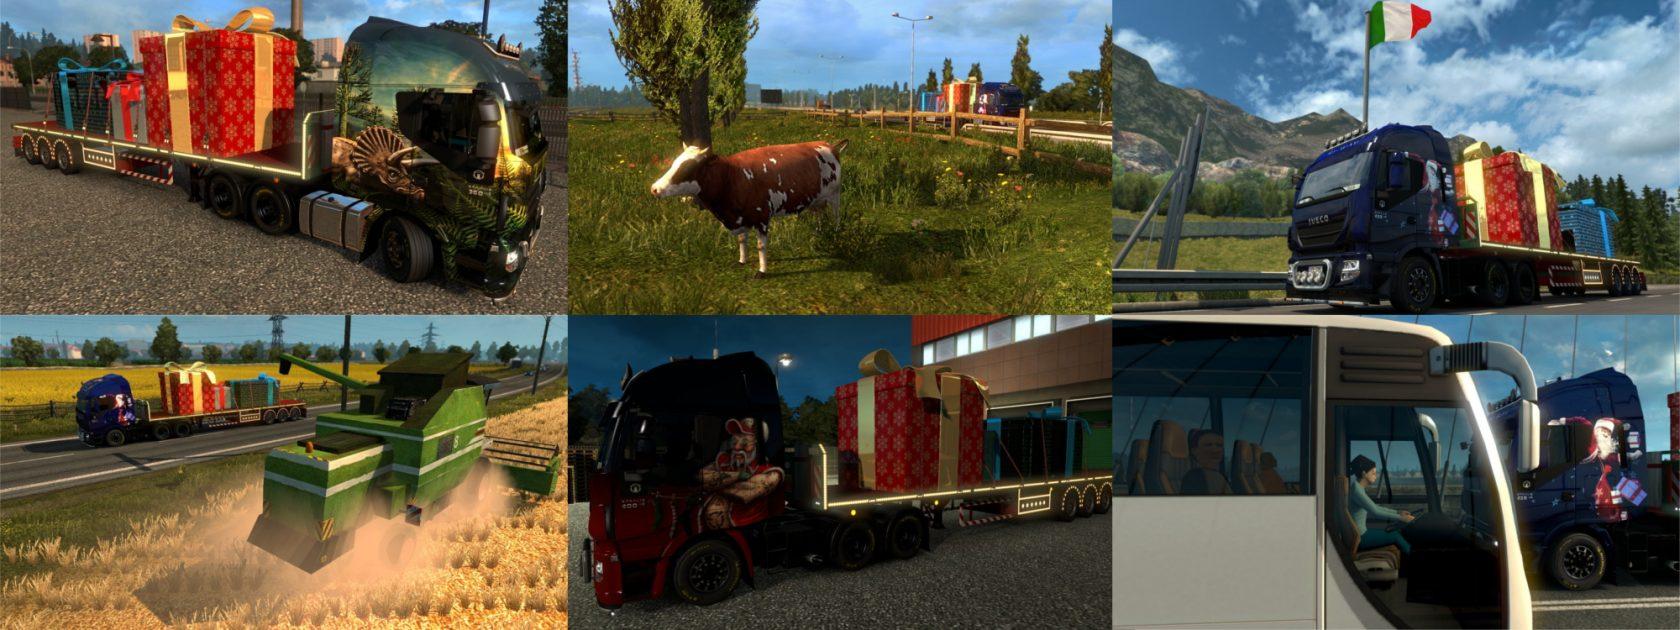 Euro Truck Simulator 2 - Zwölf Tonnen Apfelbrei auf italienischen Raststätten